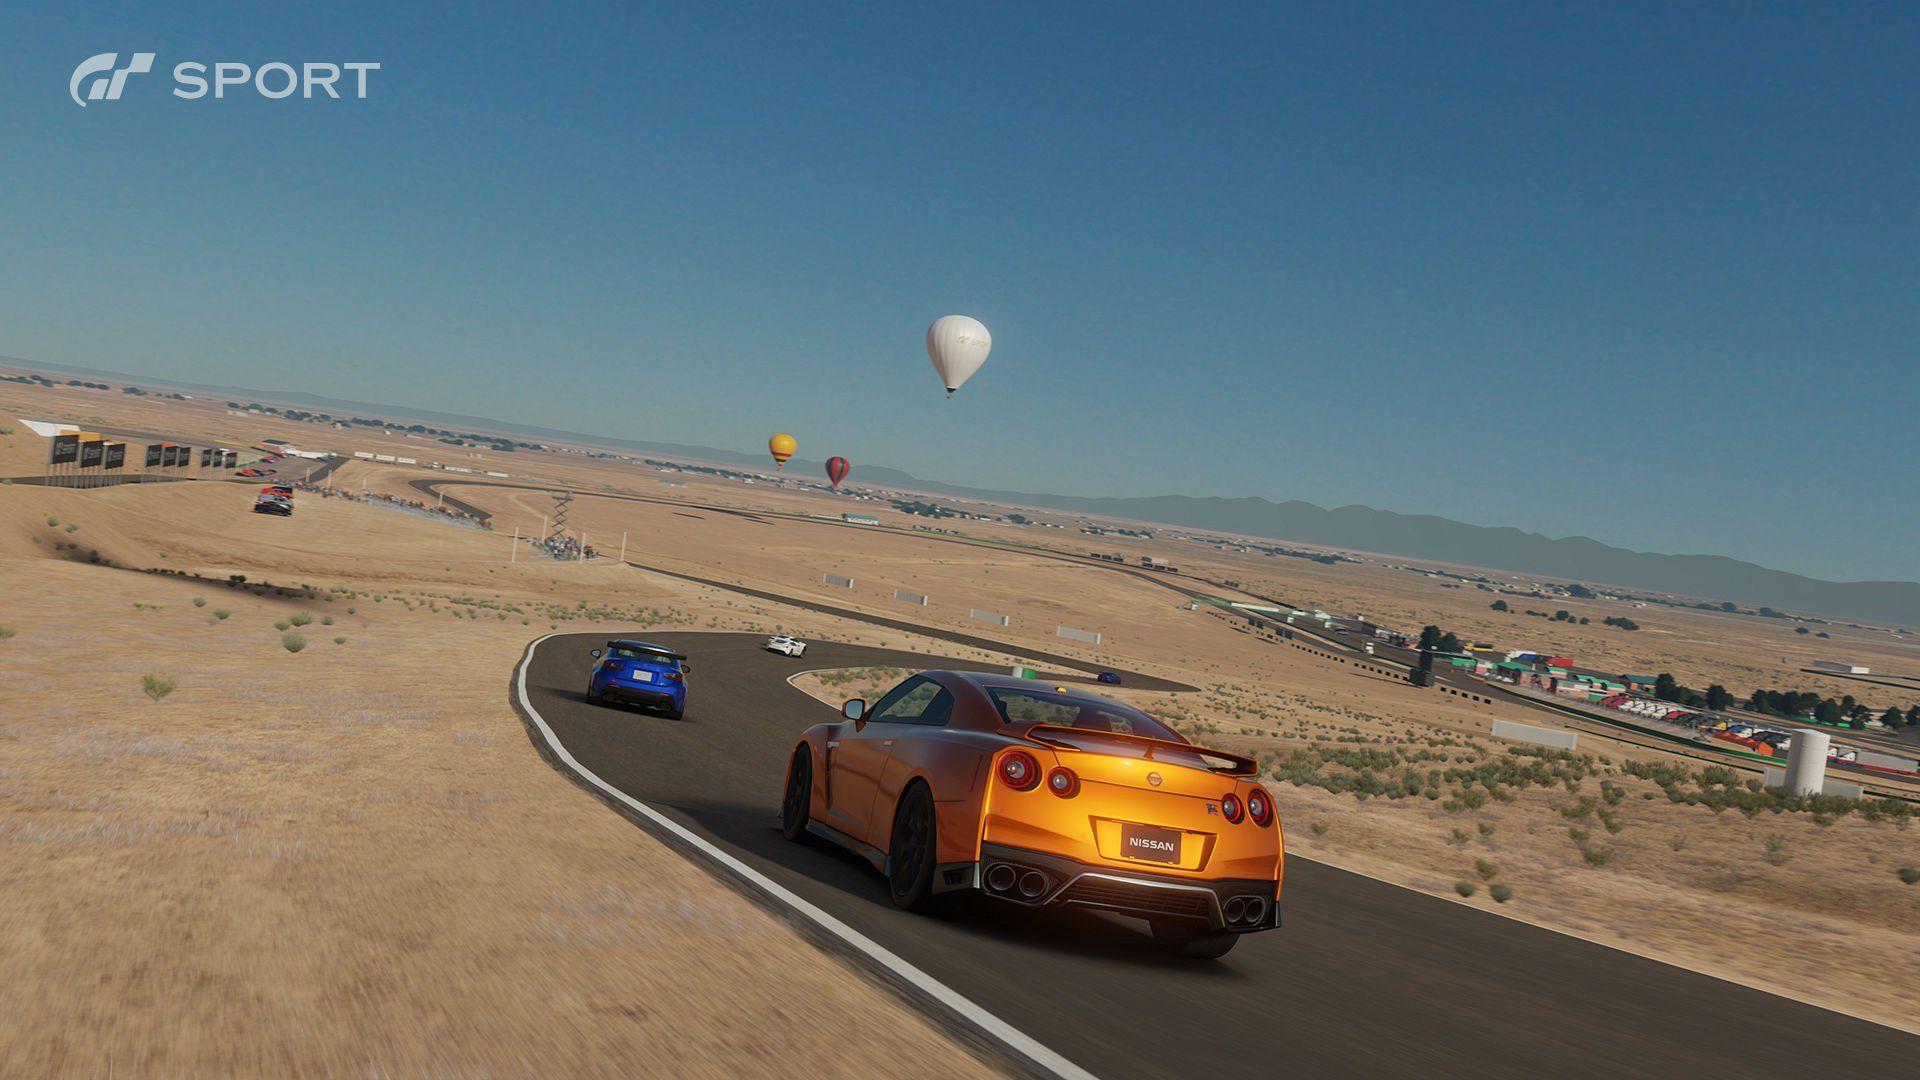 Gran Turismo Sport PS4 GranTurismoSport GranTurismo PlayStation4 GT Velocidad